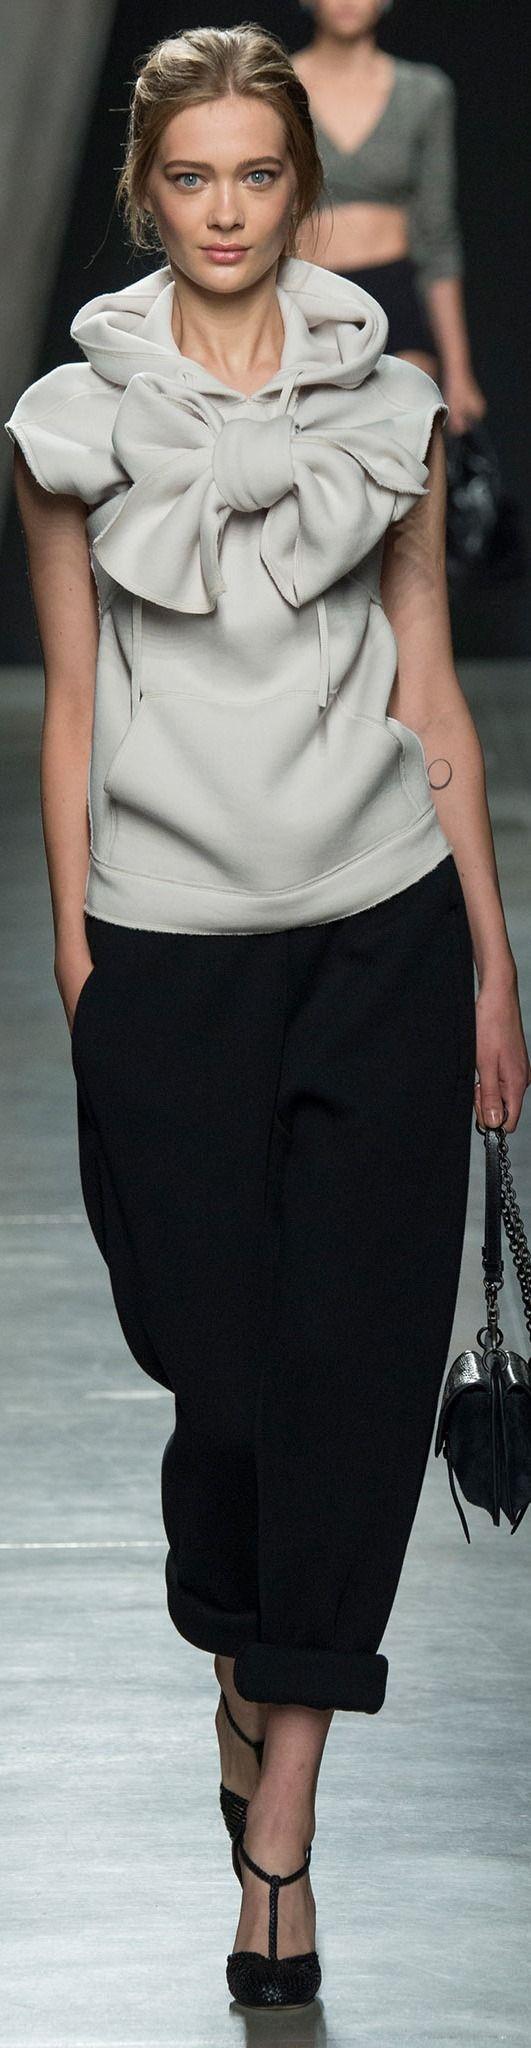 Bottega Veneta Spring 2015 Ready-to-Wear Fashion Show